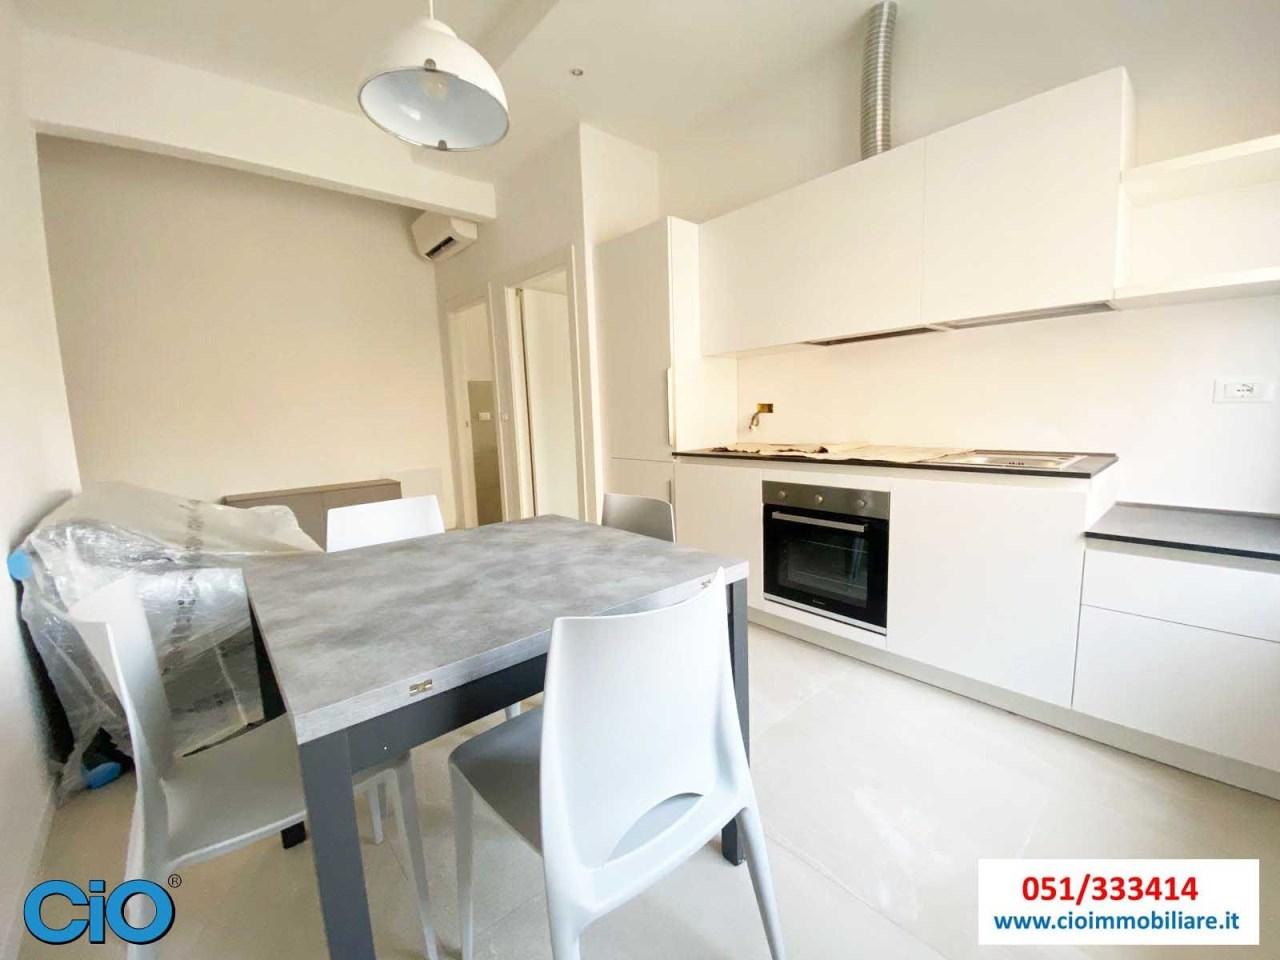 Appartamento in vendita a Corticella, Bologna (BO)